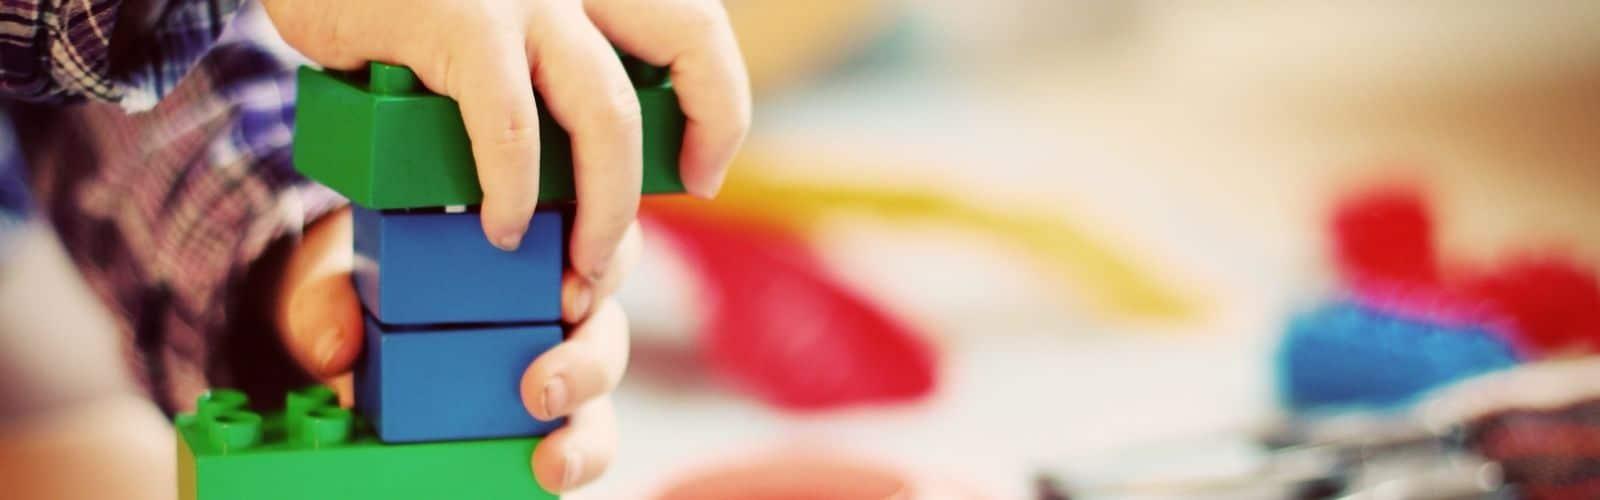 Motricité fine : 6 activités et ateliers pour la développer chez le jeune enfant